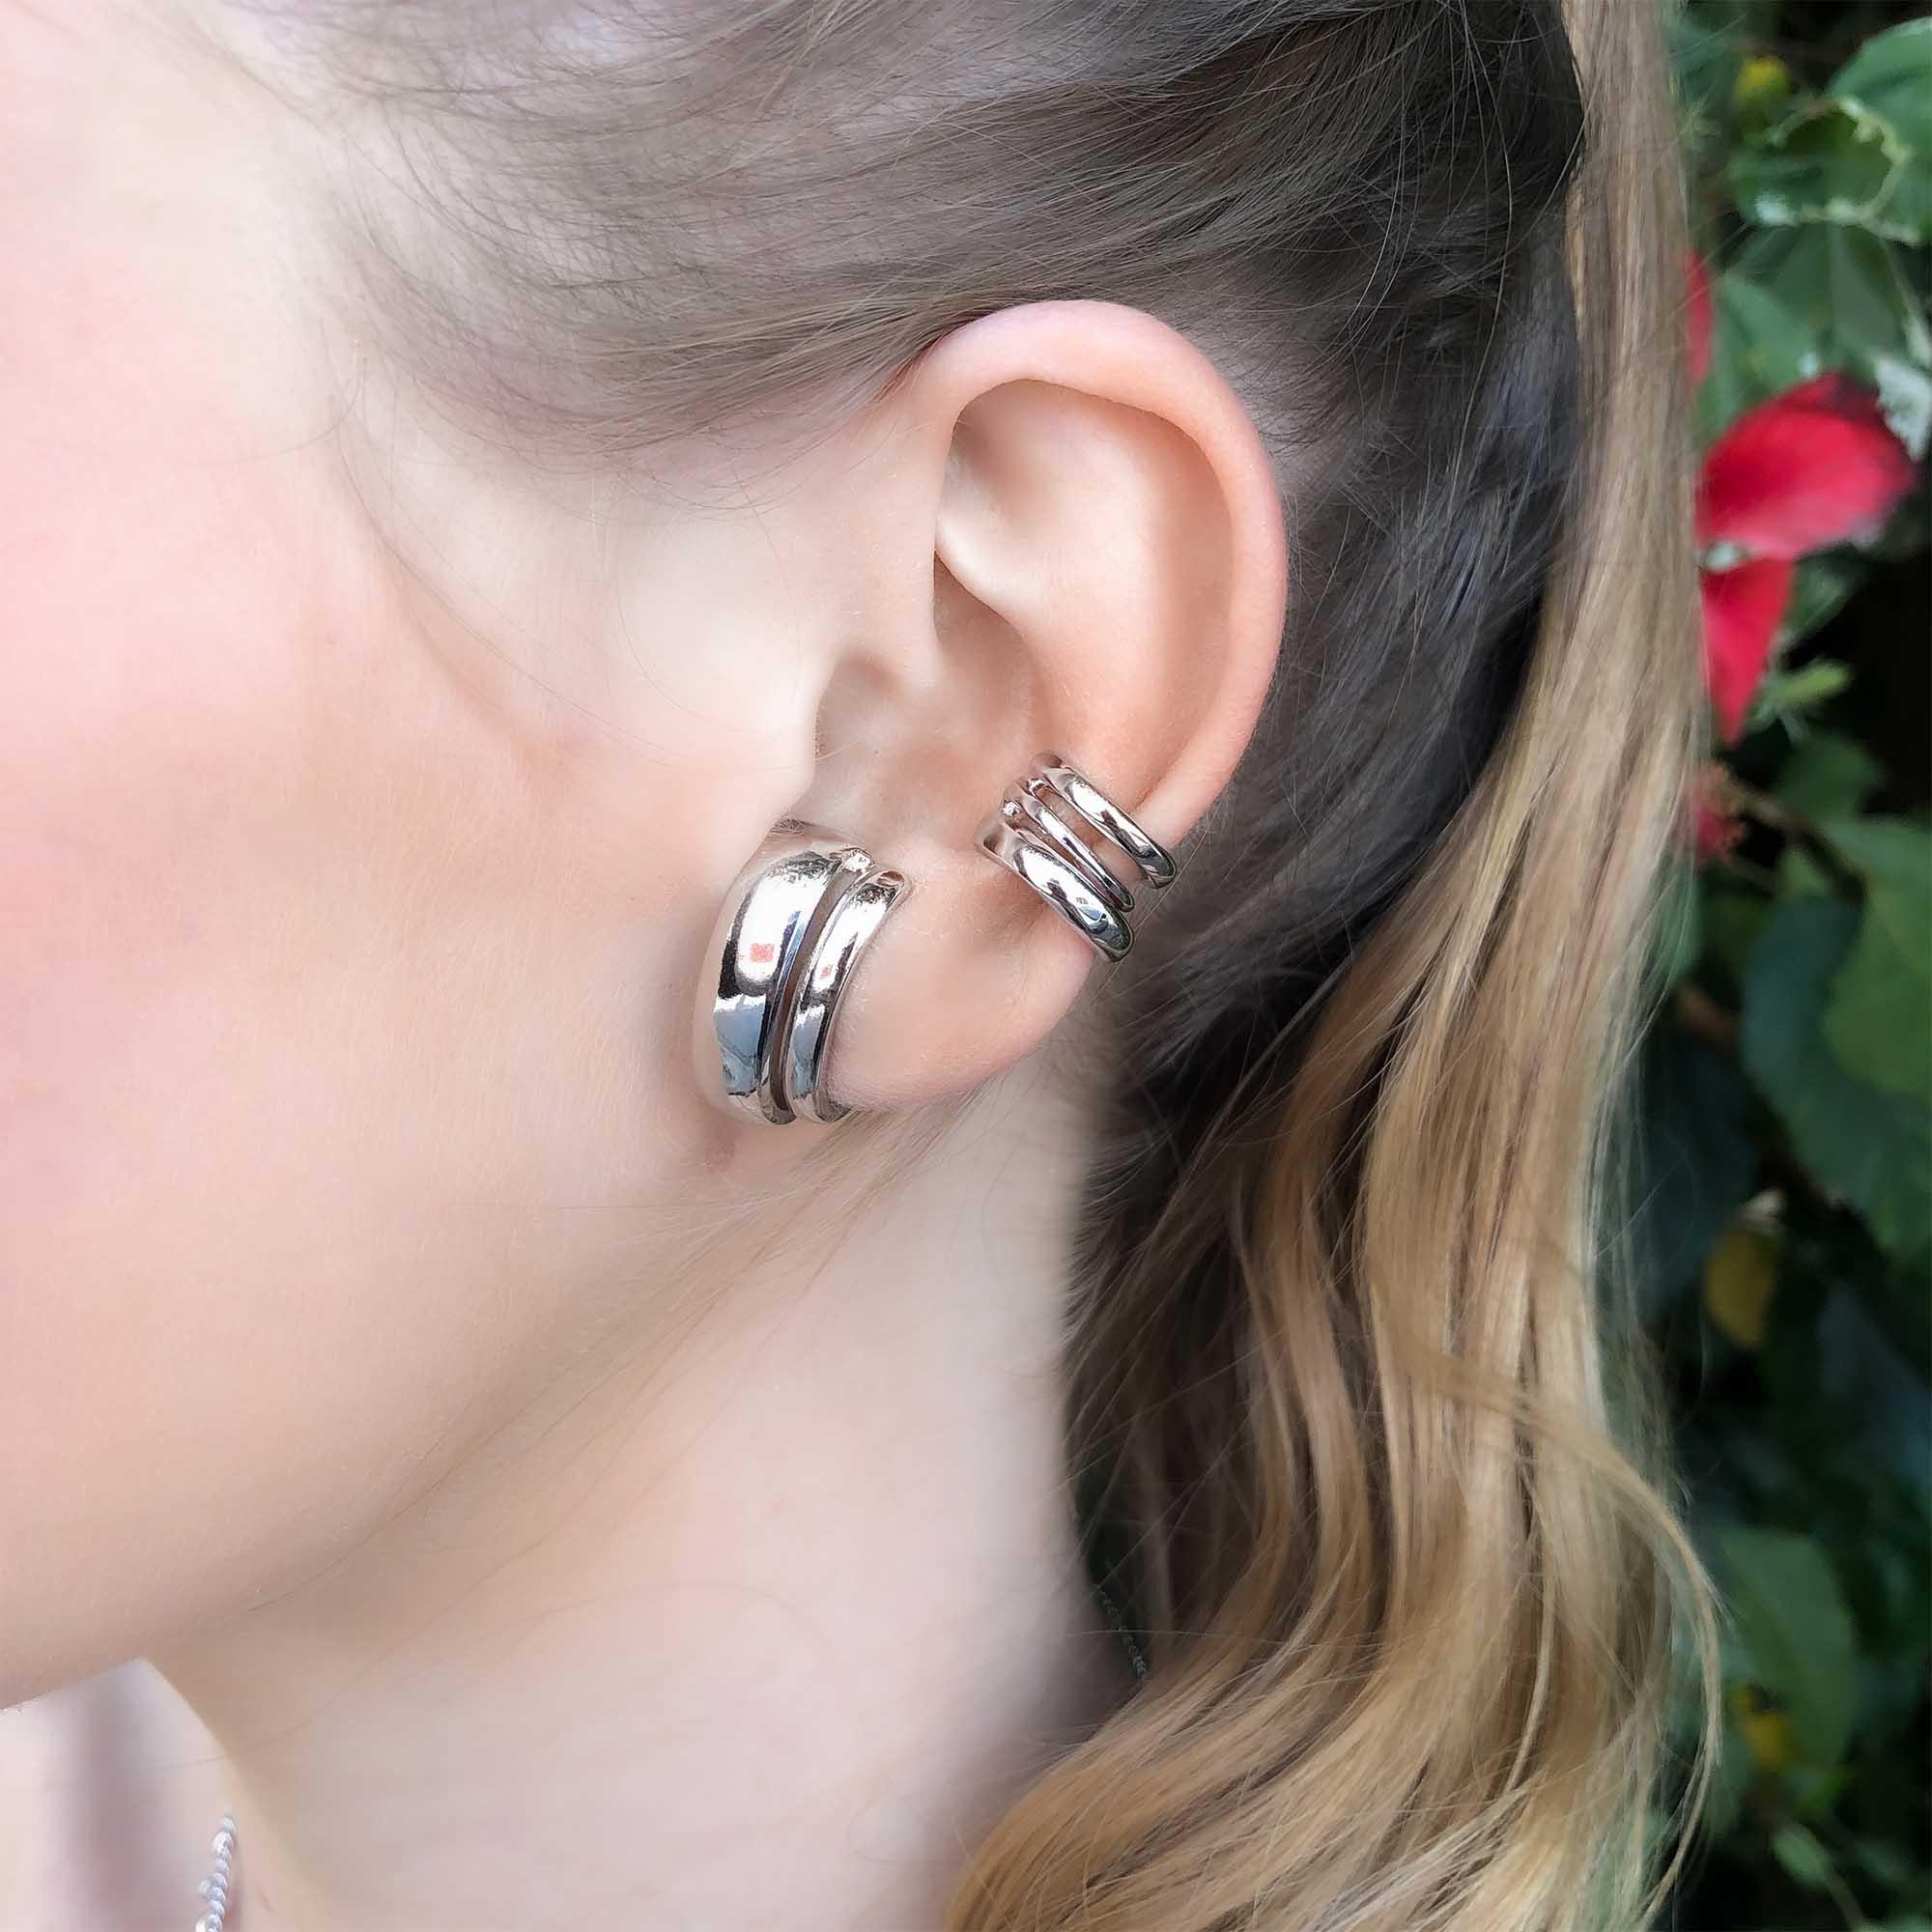 Brinco Ear Hook polido duplo banhado a ouro 18k e ródio branco